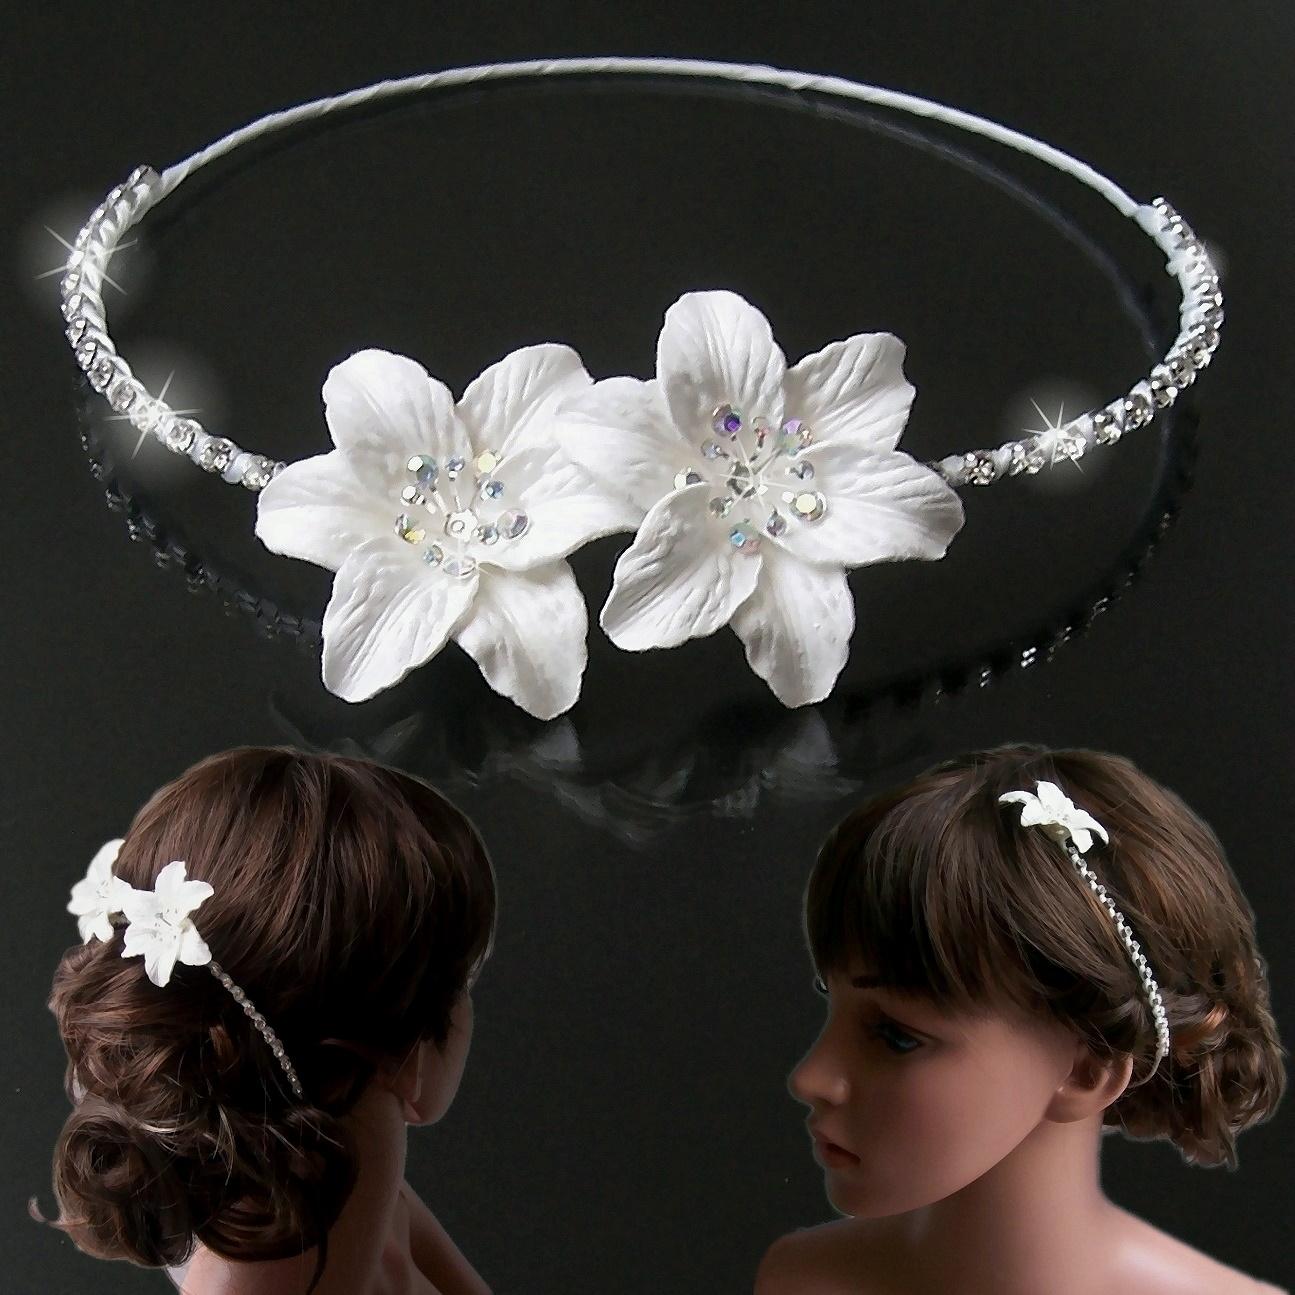 Haarreif Braut weiß 2 Blumen Strass Kommunion Blumenmädchen H5155